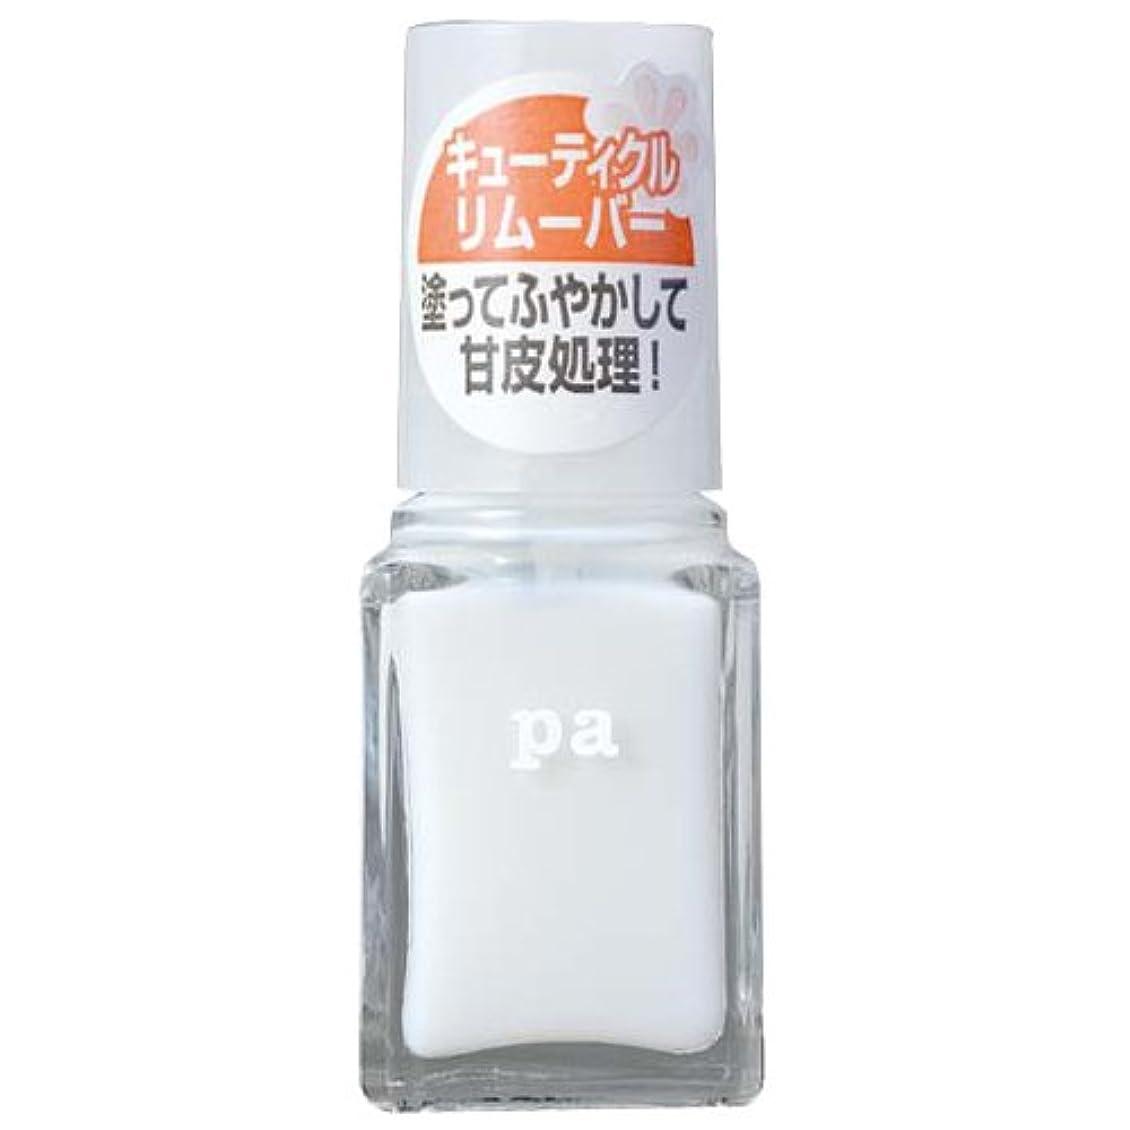 pa キューティクルリムーバーR base07 (6mL)